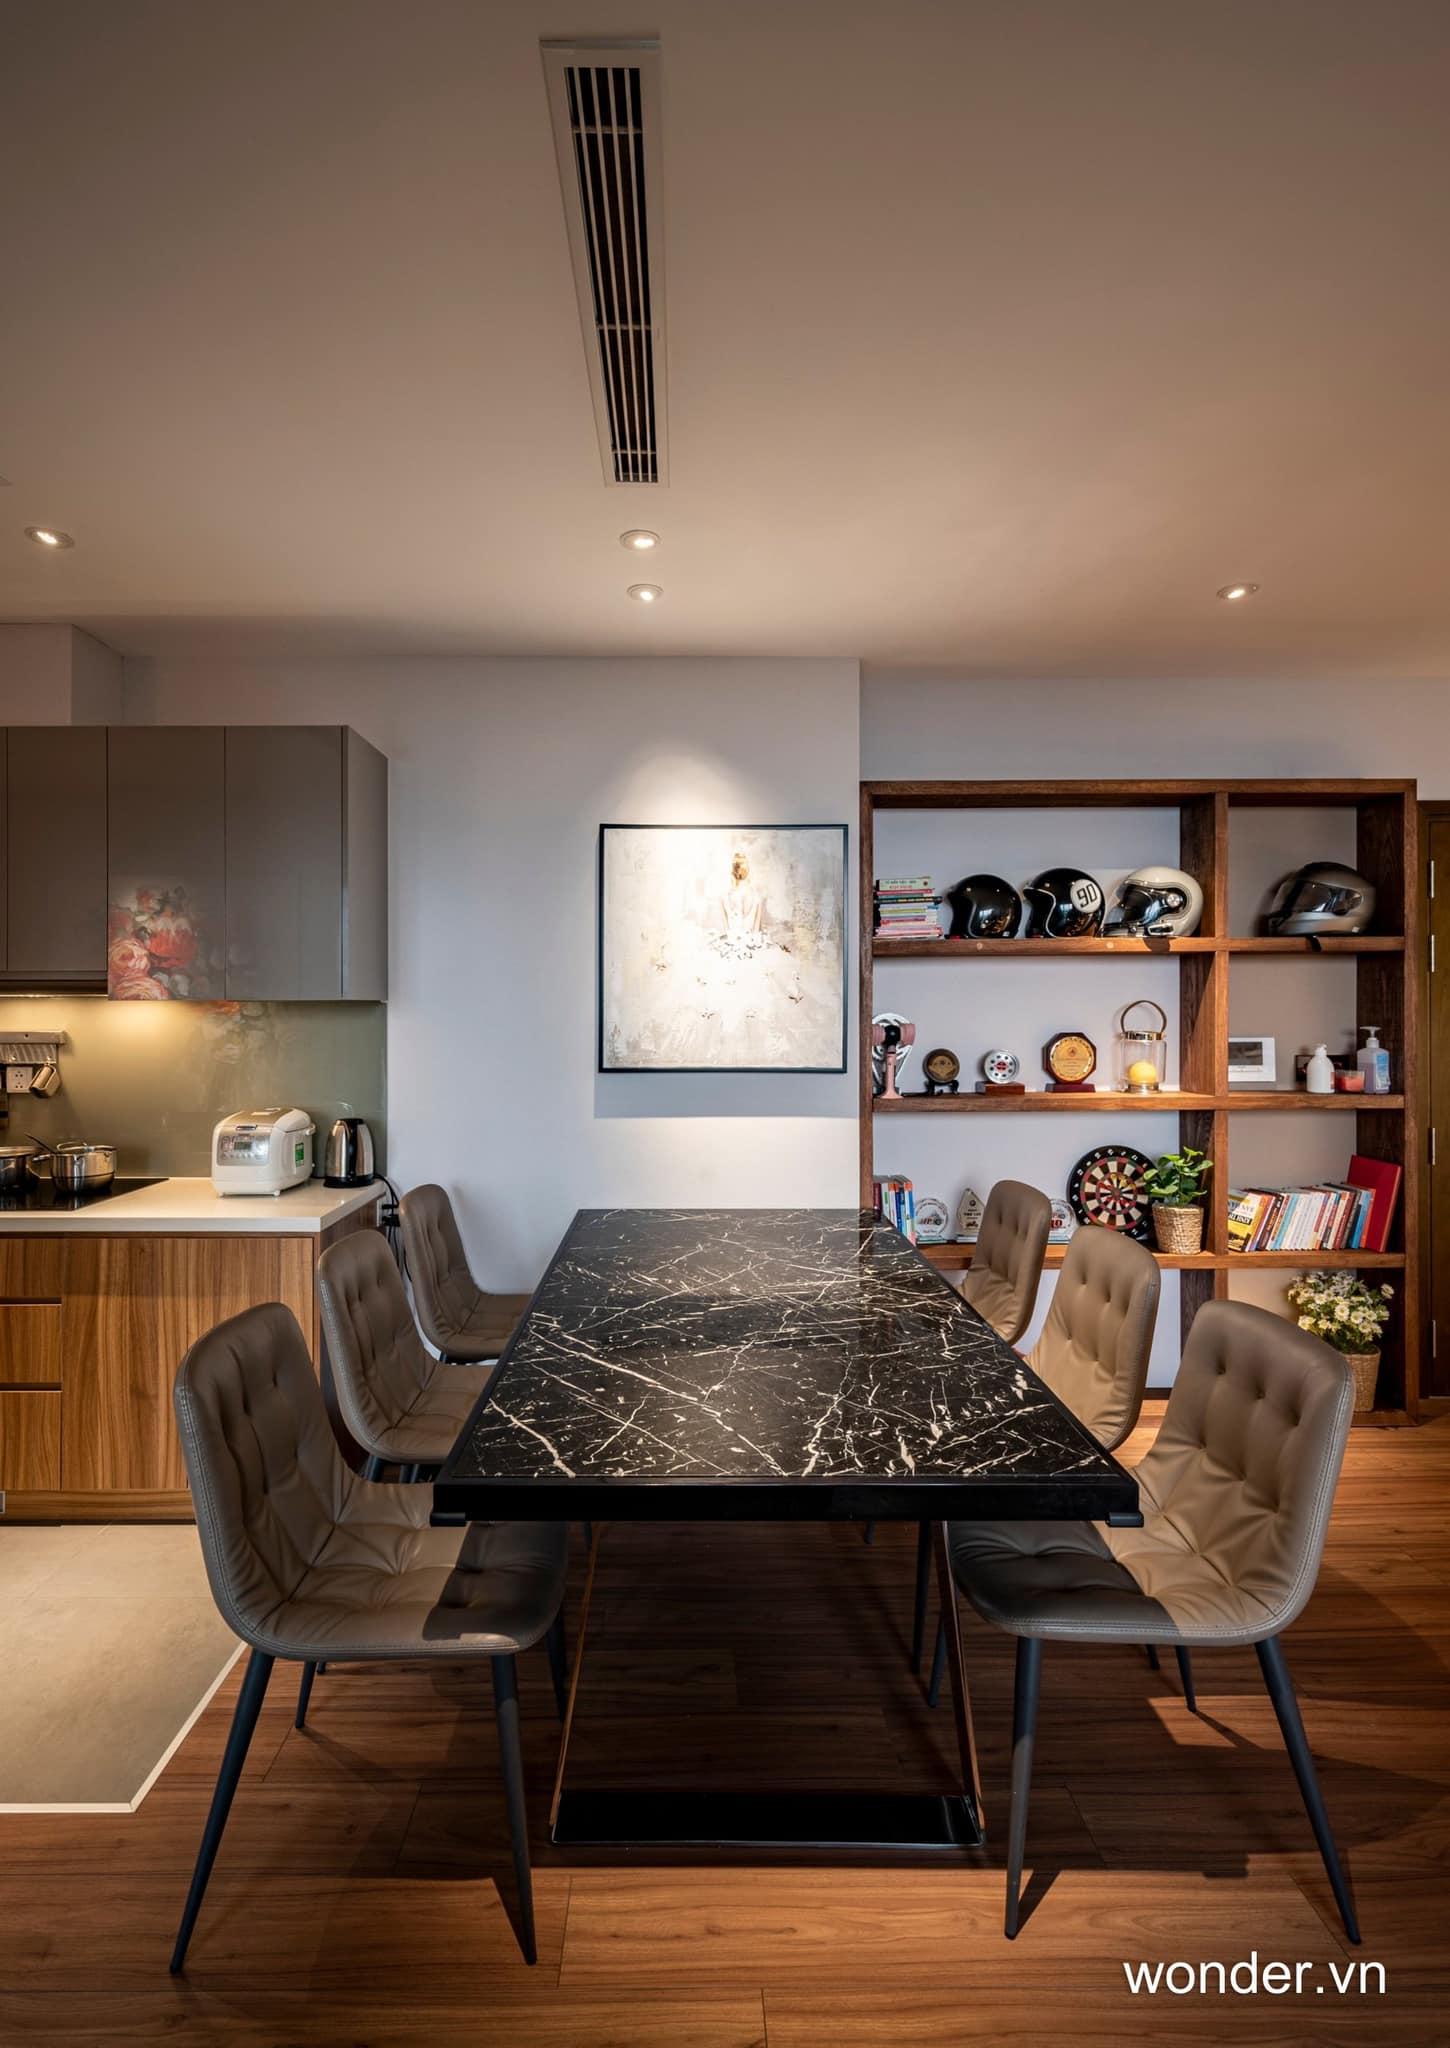 Có thể là hình ảnh về bàn, phòng khách và văn bản cho biết 'wonder.vn'